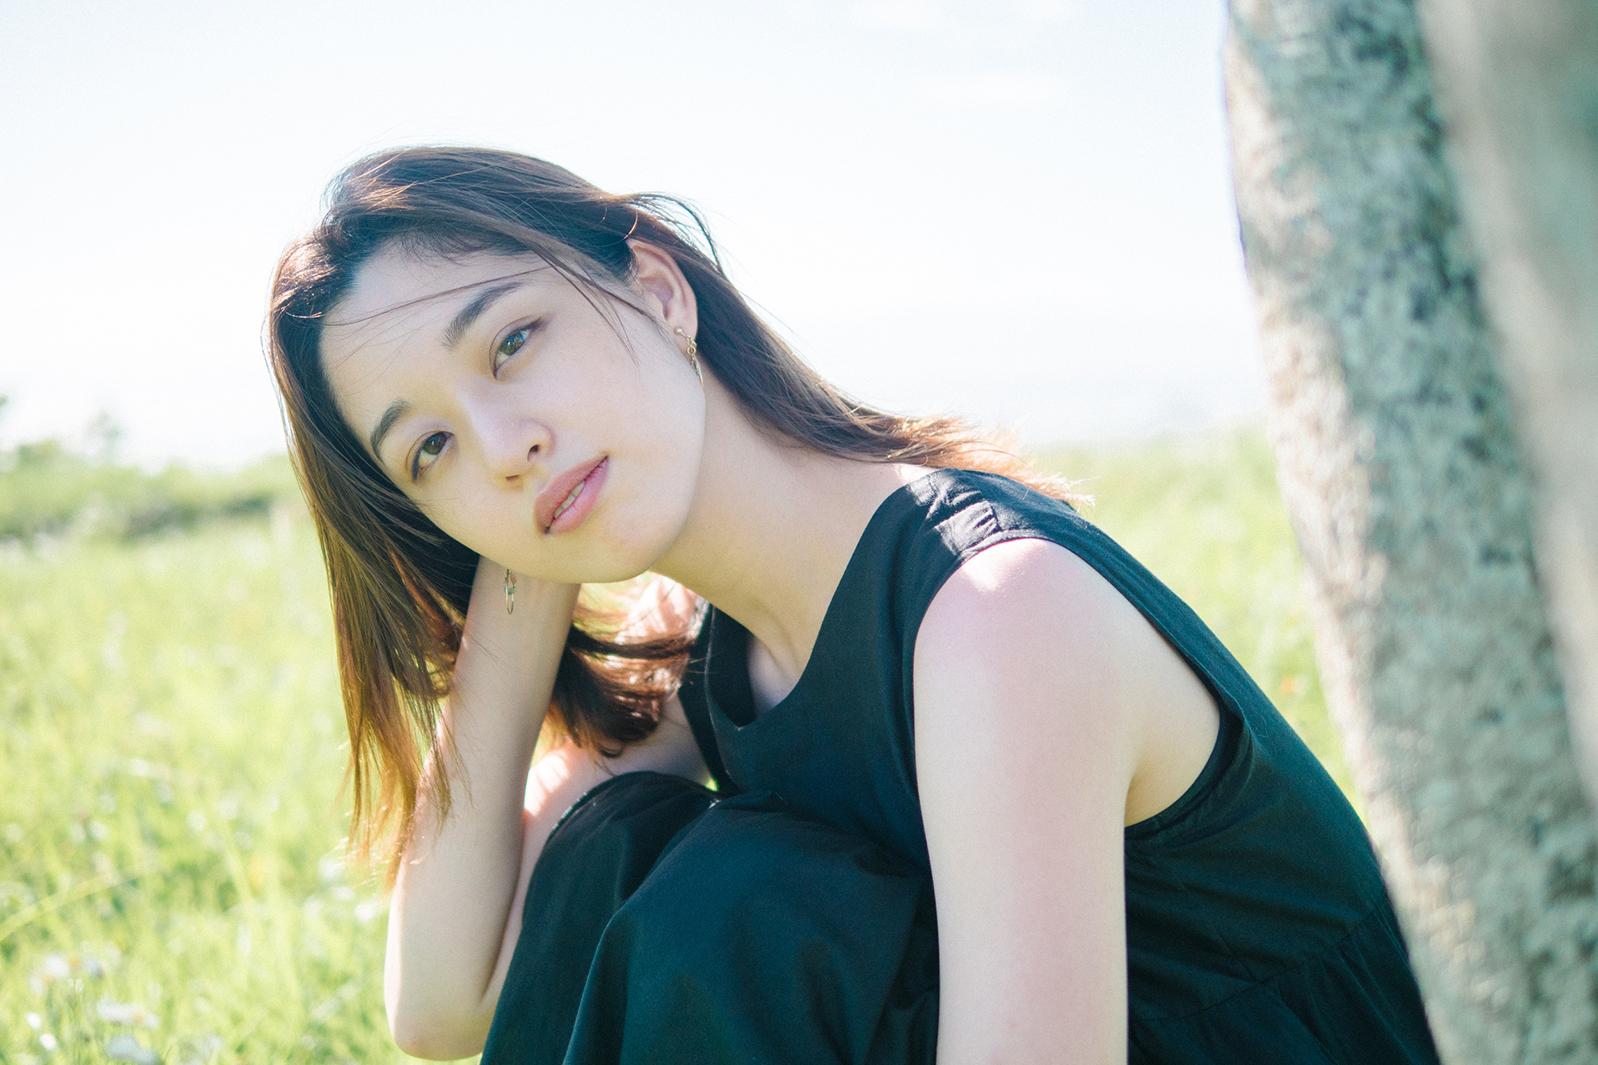 堤 渚紗  NAGISA tsutsumi